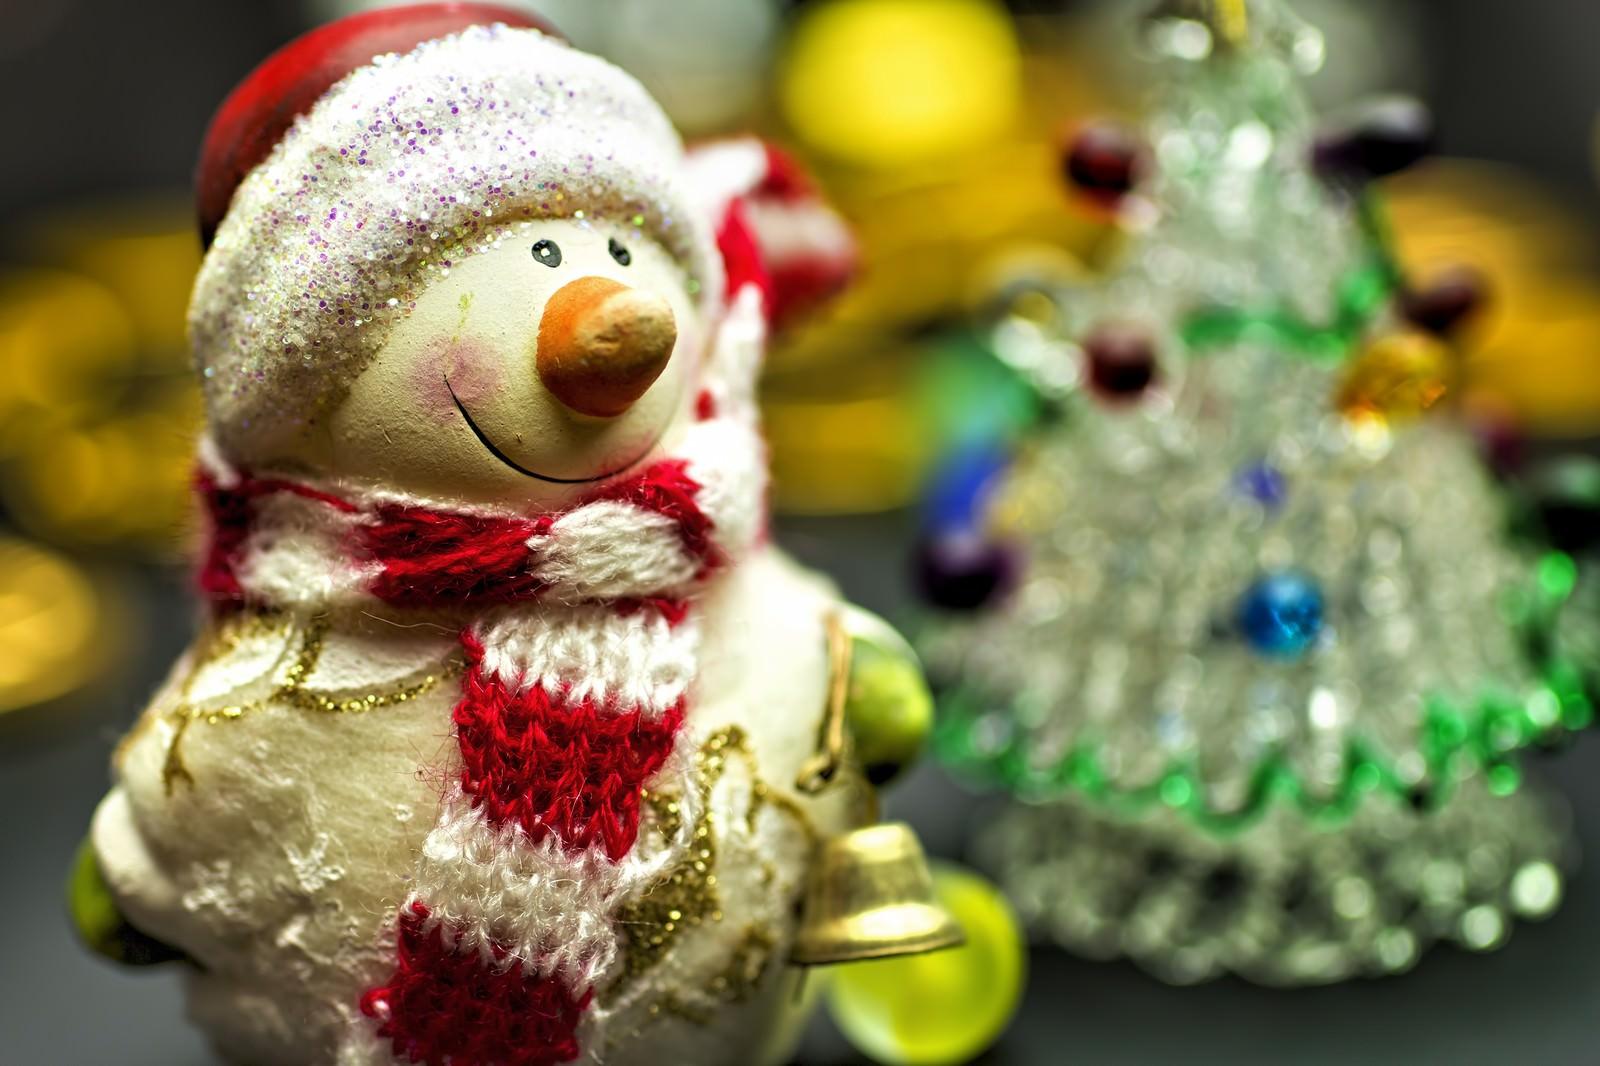 「ツリーと雪だるまの人形ツリーと雪だるまの人形」のフリー写真素材を拡大